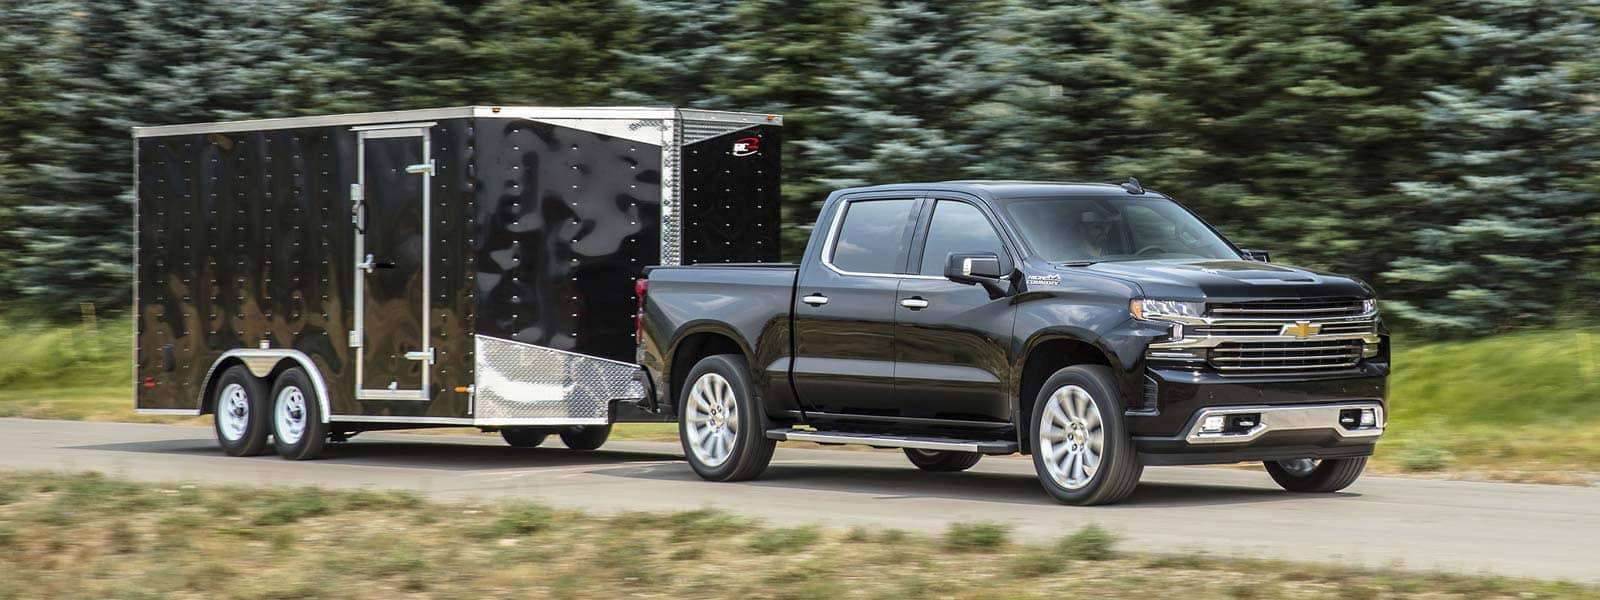 Buy new 2021 Chevrolet Silverado 1500 in Sudbury Ontario